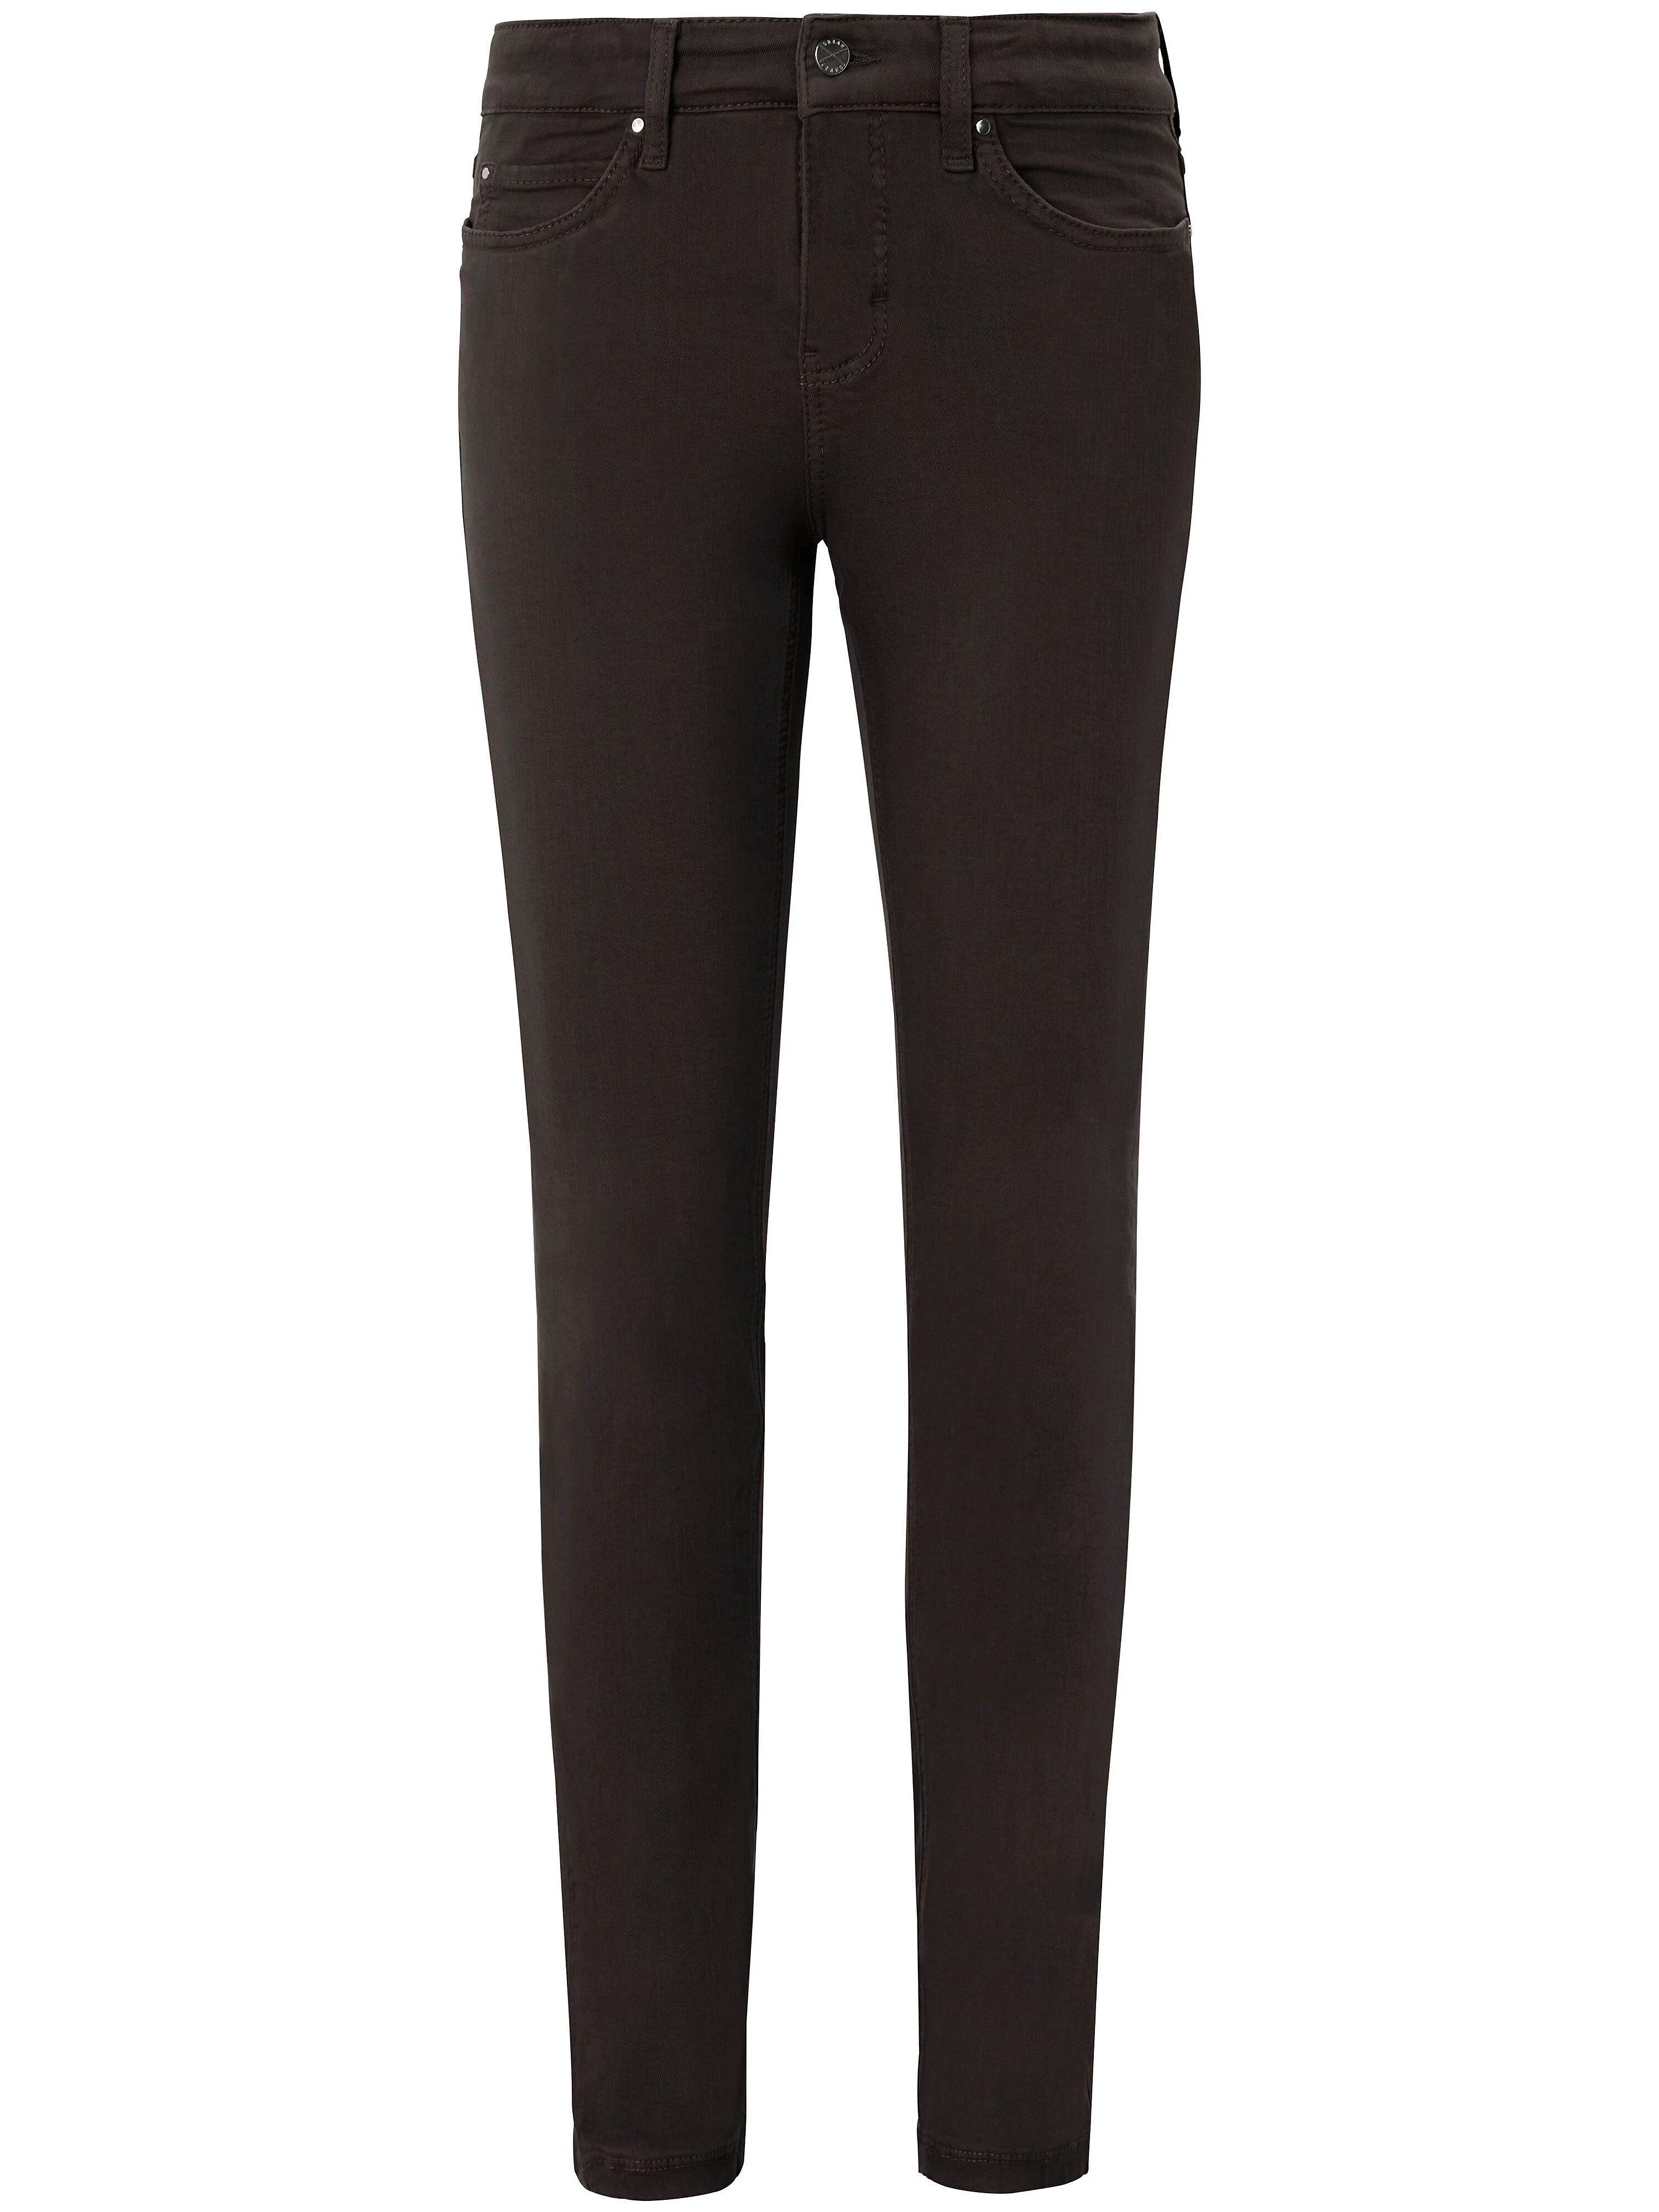 Mac Jeans Dream Skinny, tumlängd 28 och 30 från Mac brun